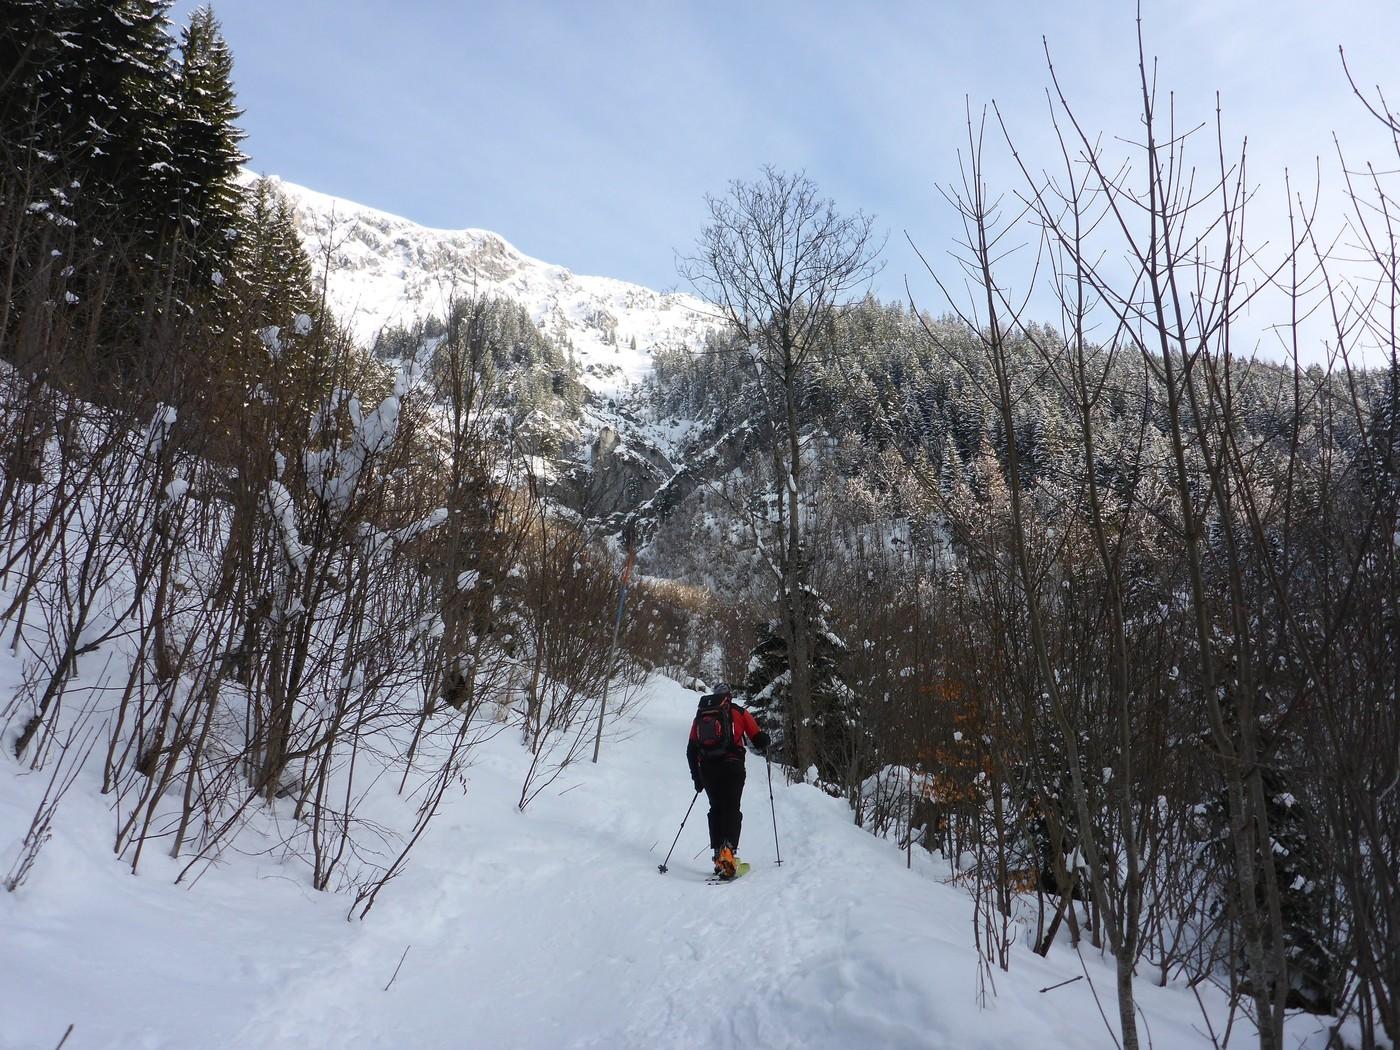 Klettersteig Johnsbach : Gsuchmauer vom johnsbachtal ebnerklamm gesäuse skitour gbl